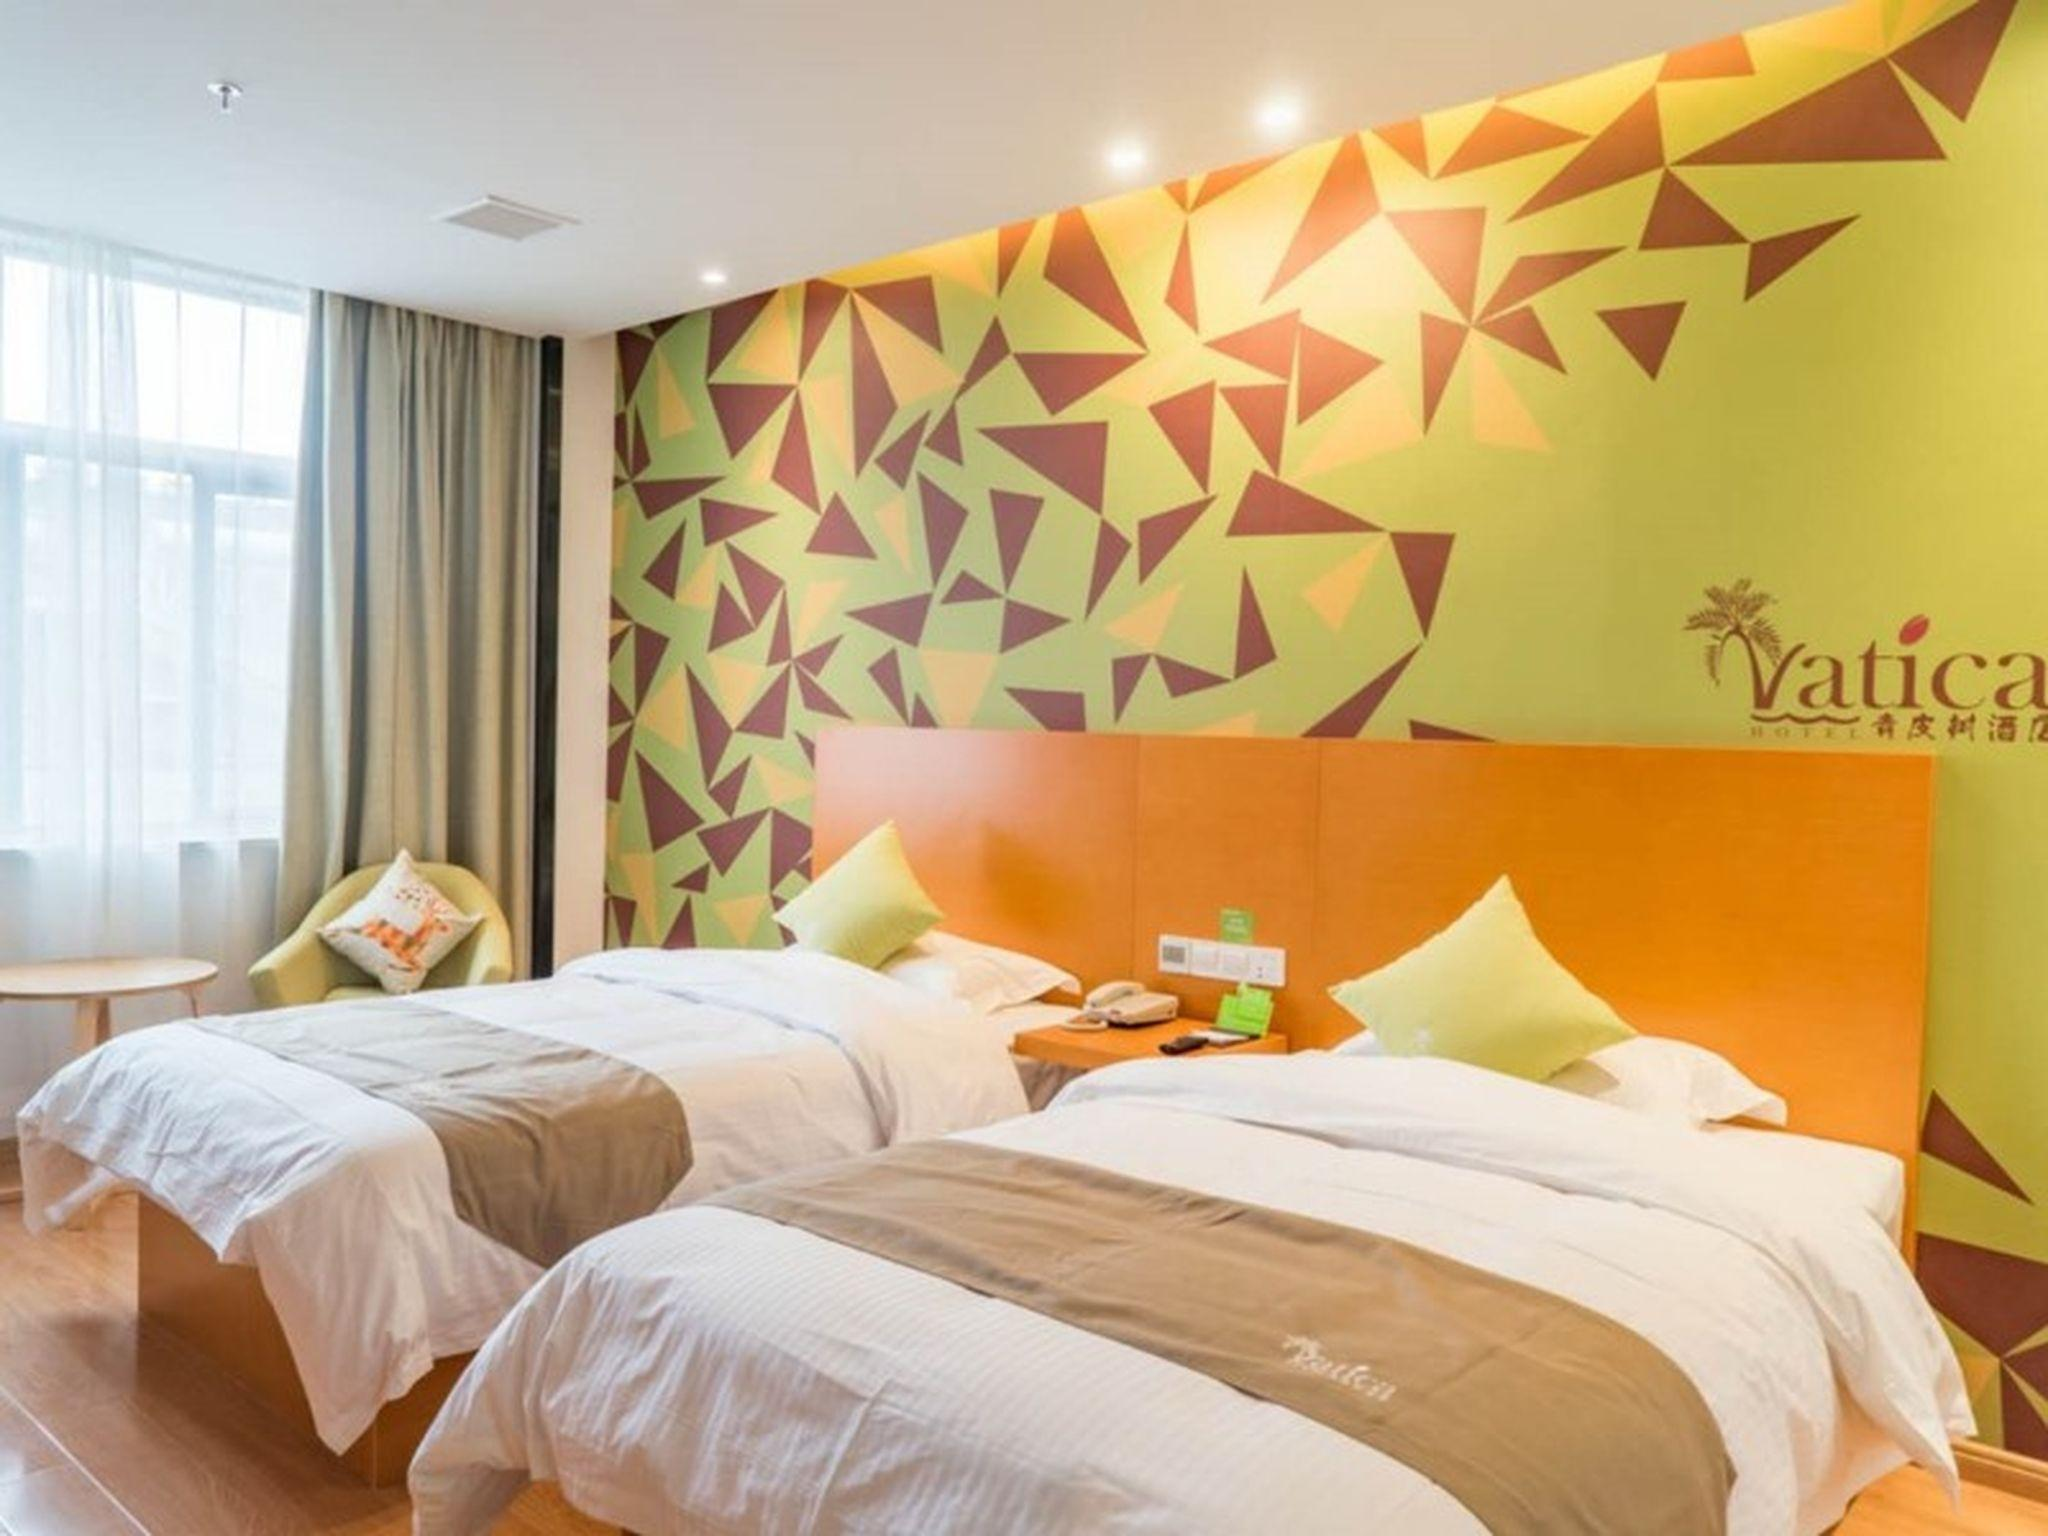 Vatica Shangrao Yiyang County Shengli Road Hotel